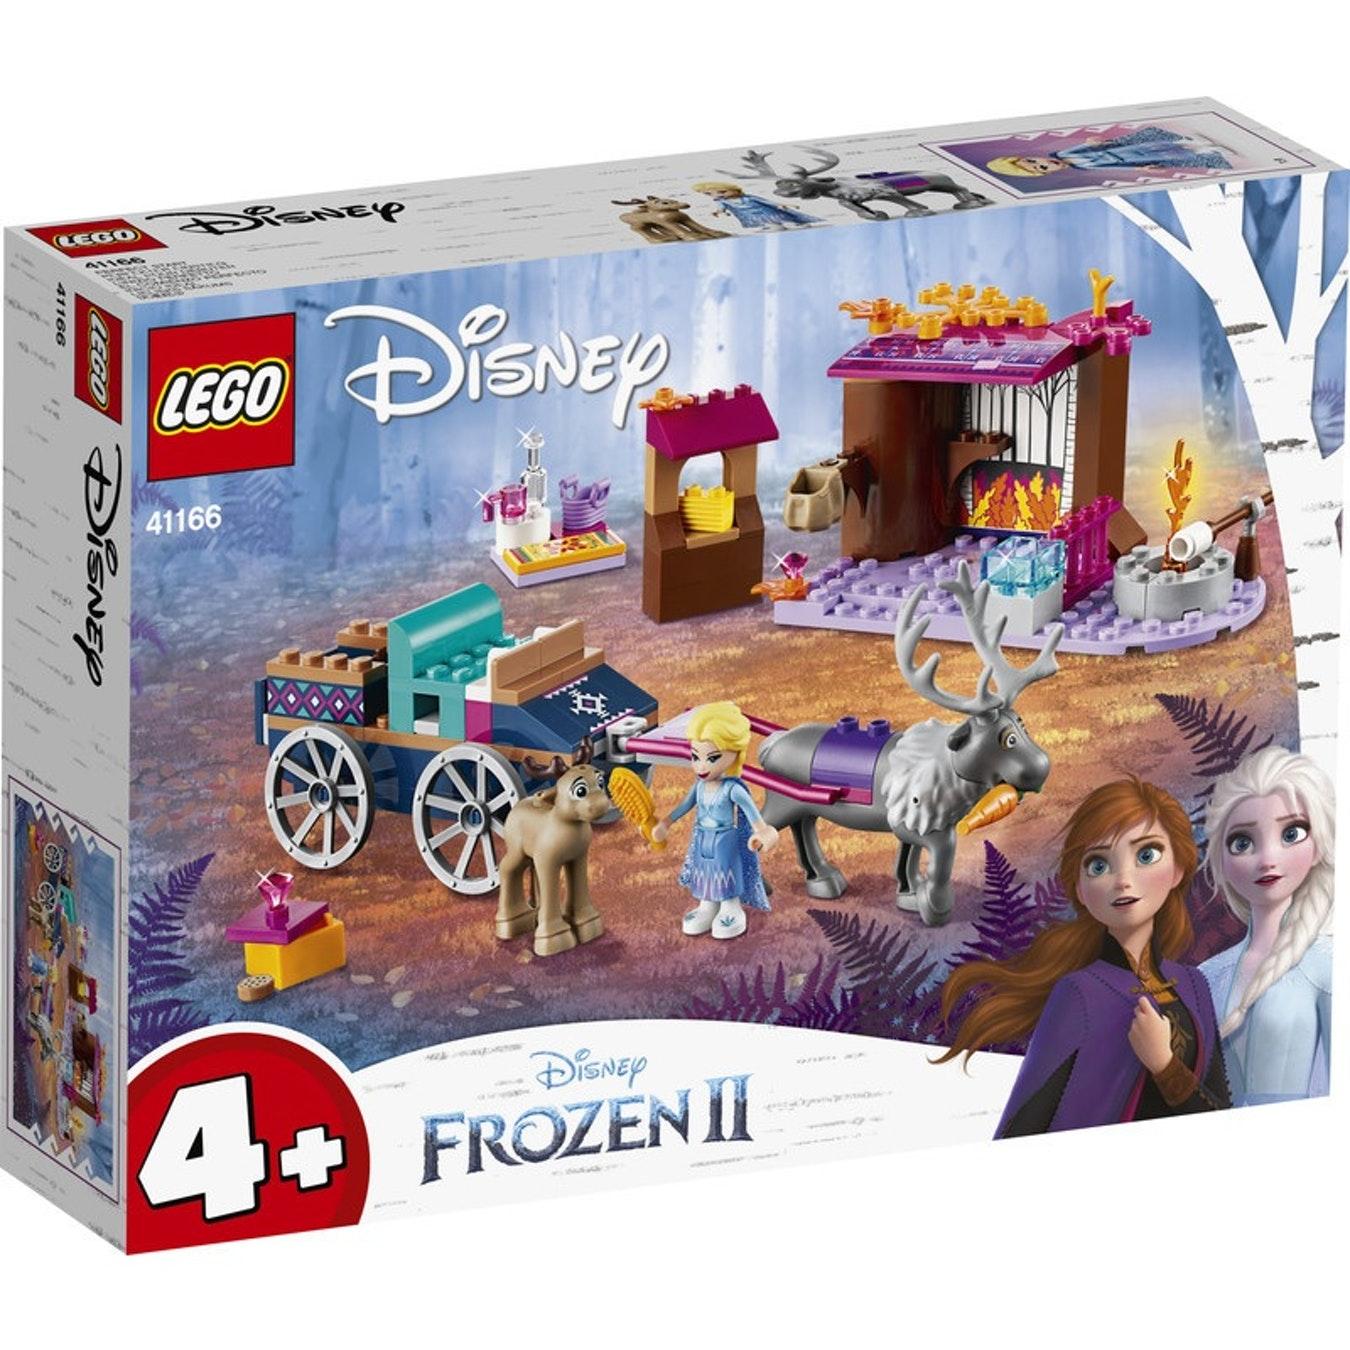 LEGO - Disney Frozen - Elsa's Wagon Adventure (41166)